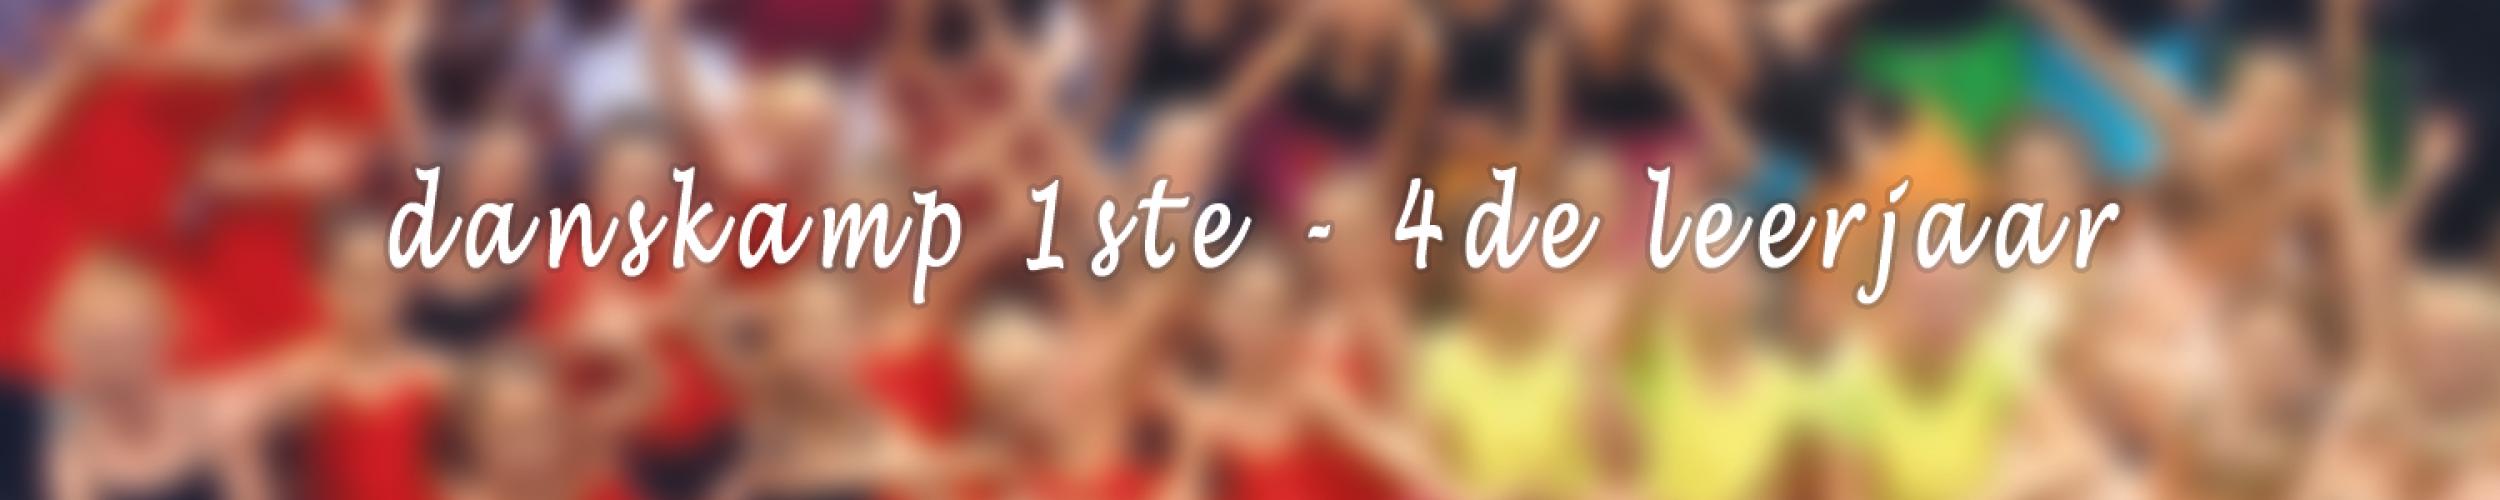 Danskamp 6 - 19 tot 23 augustus voor 1ste tot 4de leerjaar_Izegemse Dansacademie